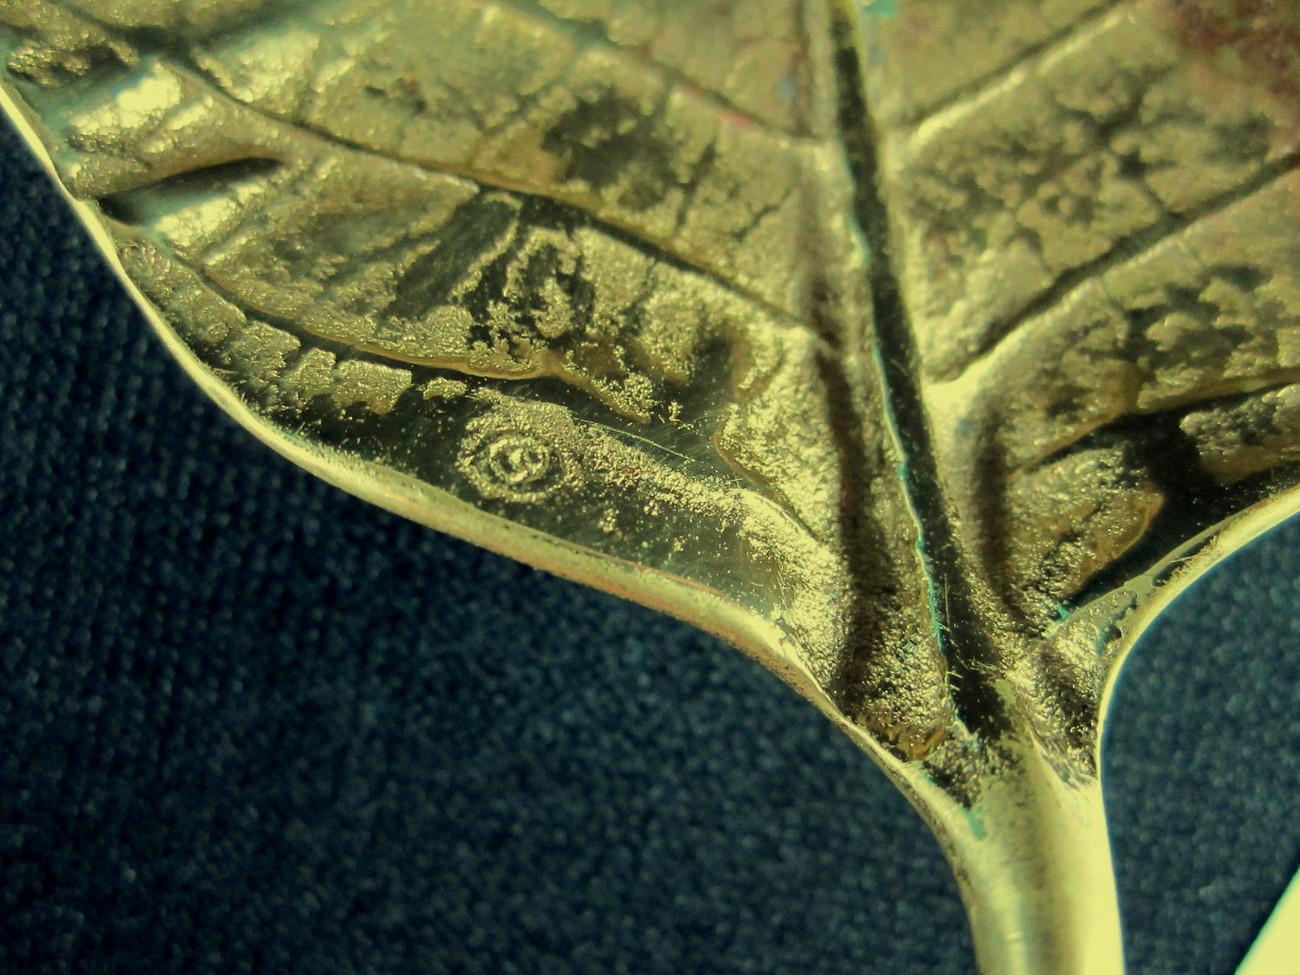 Virginia Metalcrafters Poinsettia Brass Leaf Tray 3-44 Vintage 1948 Oskar Hansen